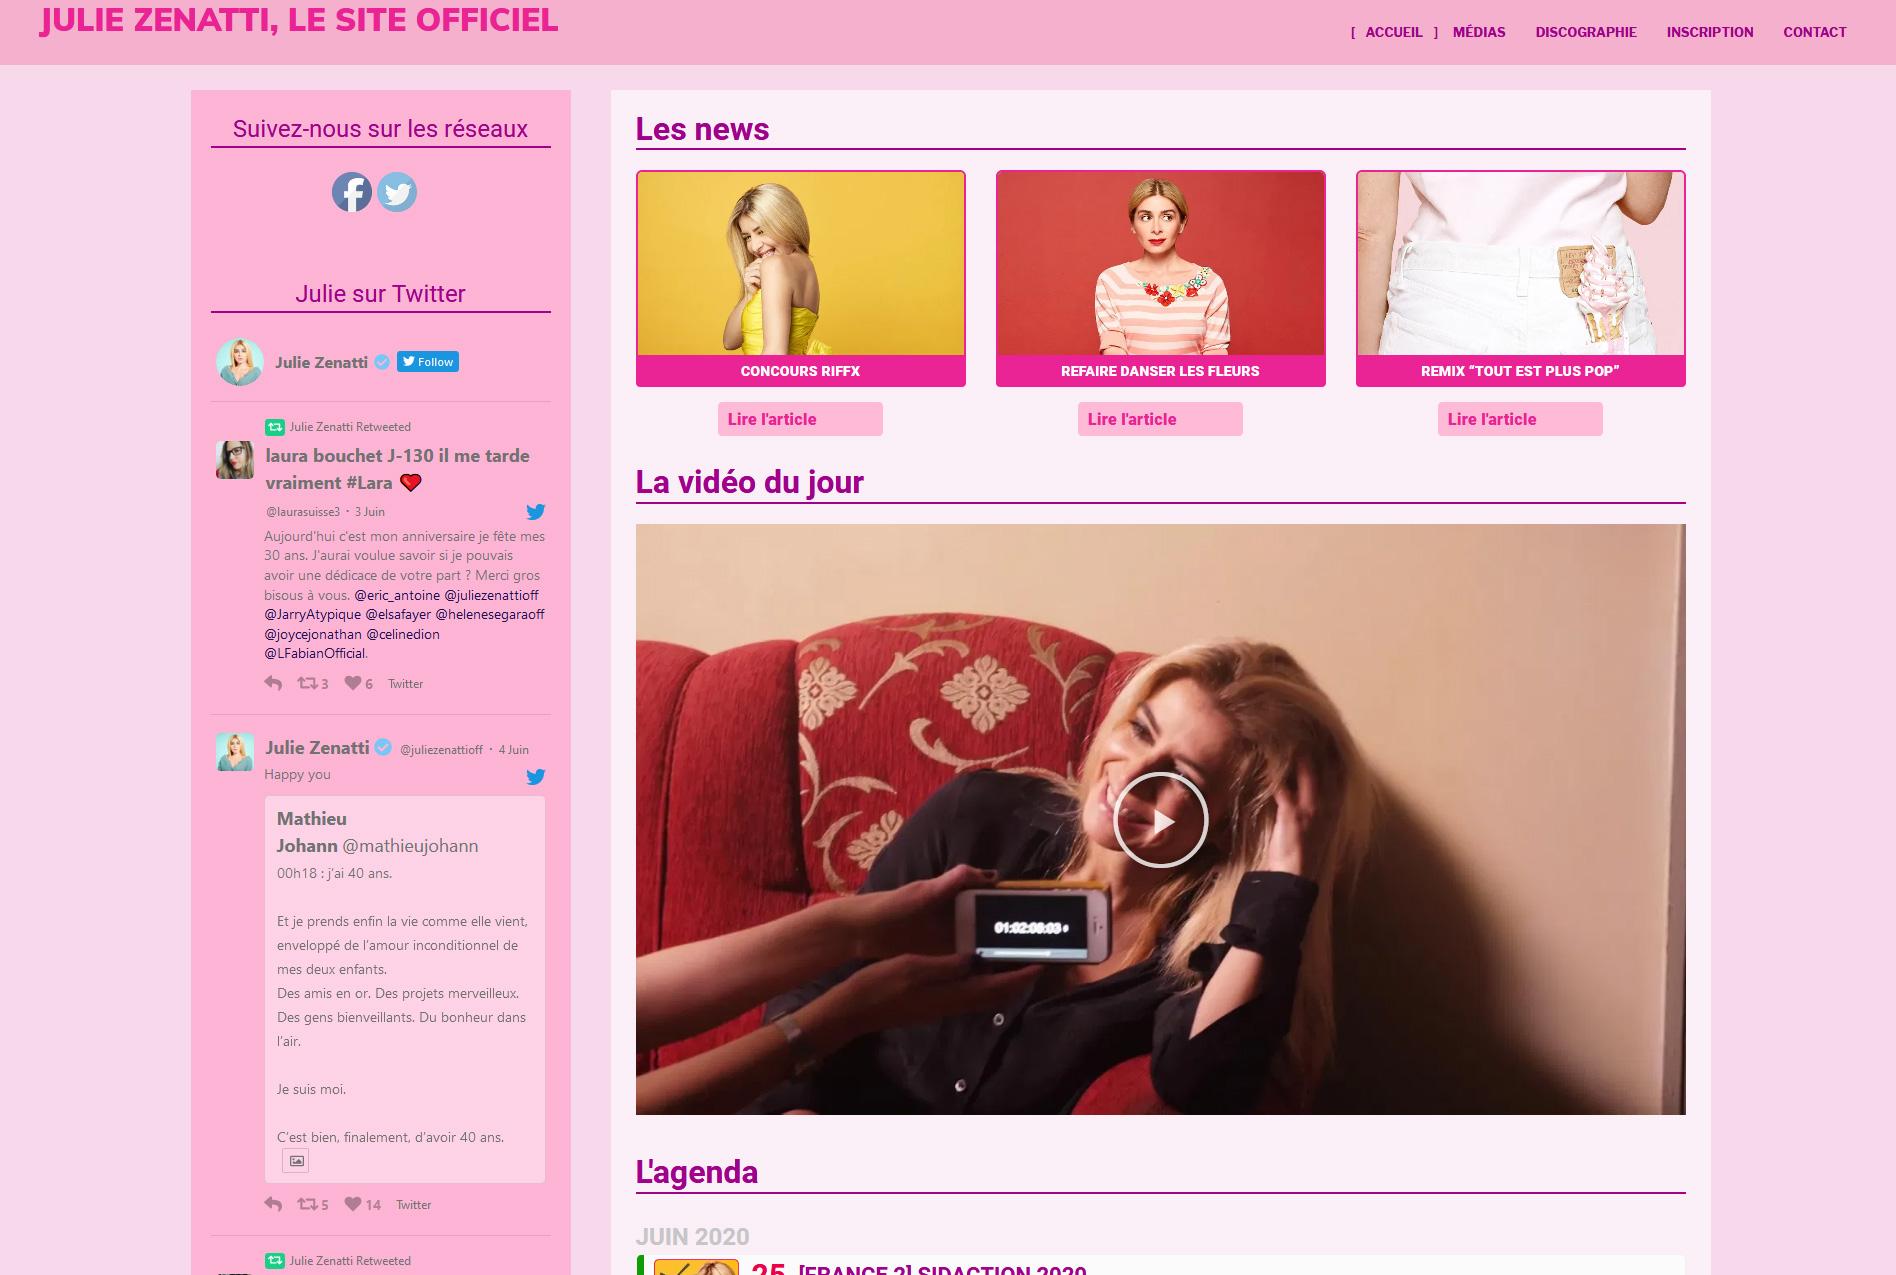 Le site officiel de Julie Zenatti